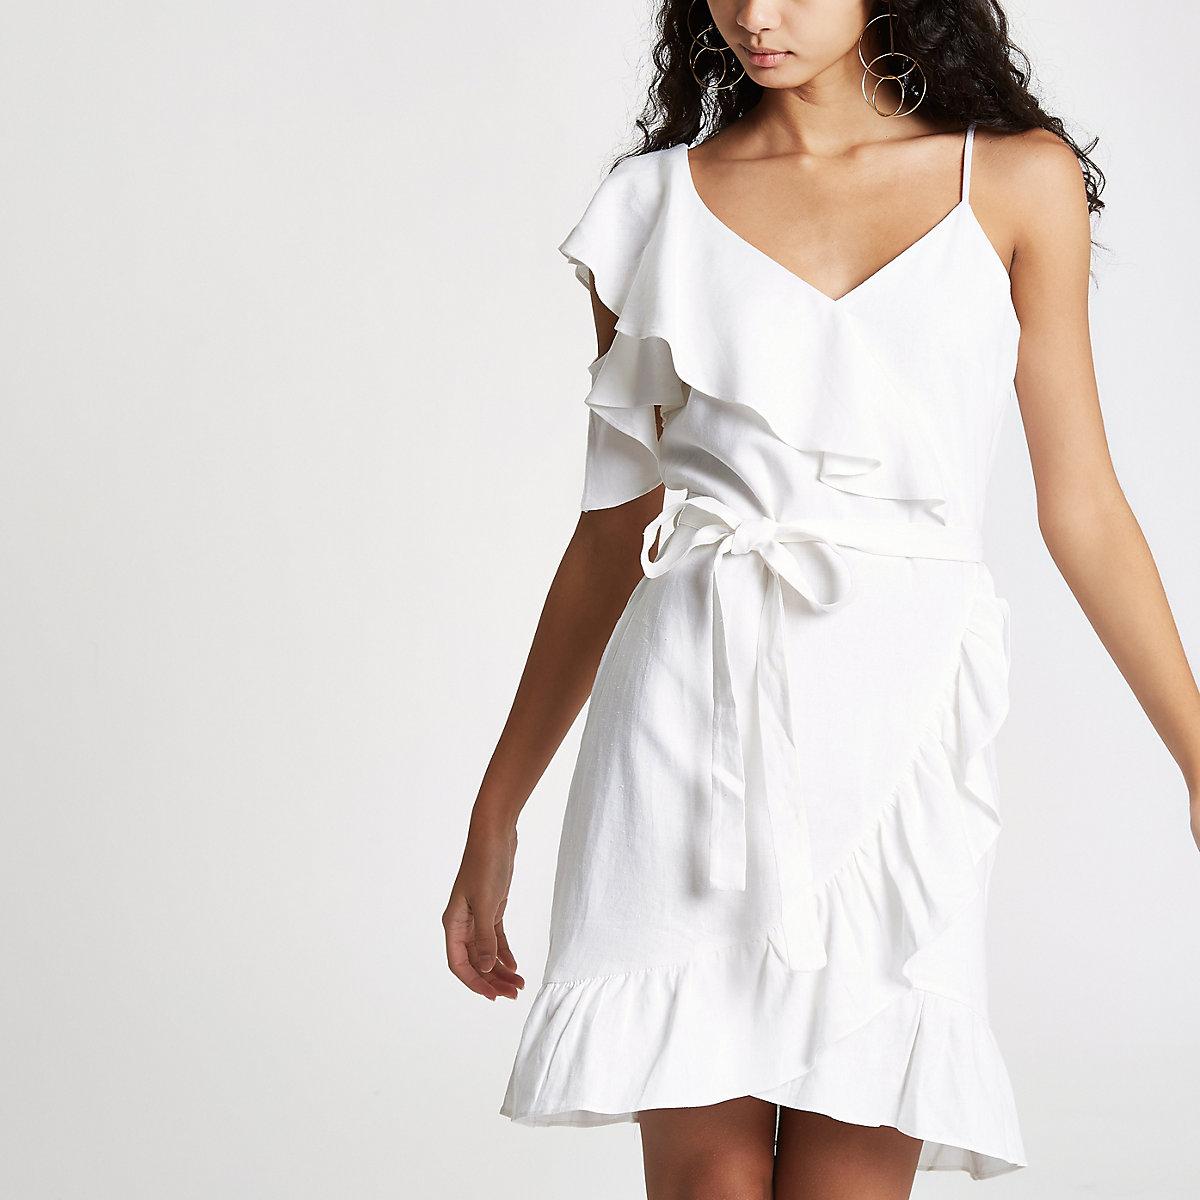 White one shoulder mini dress